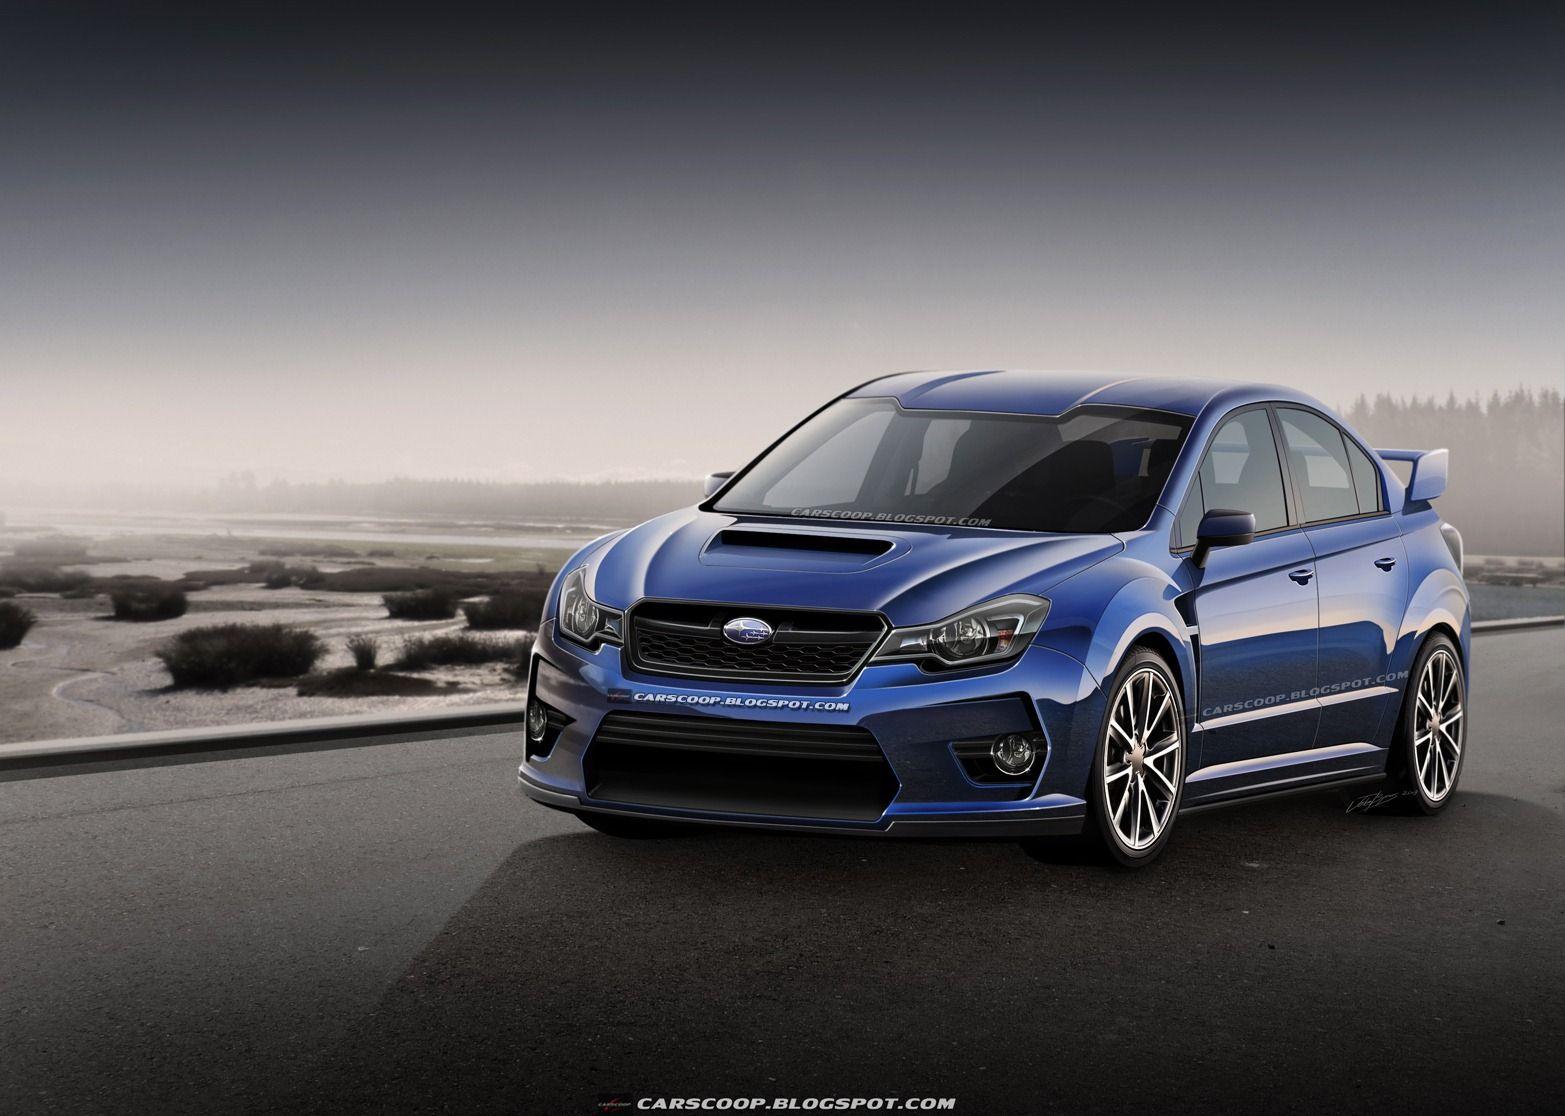 Subaru wrx concept 2014 wallpaper hd